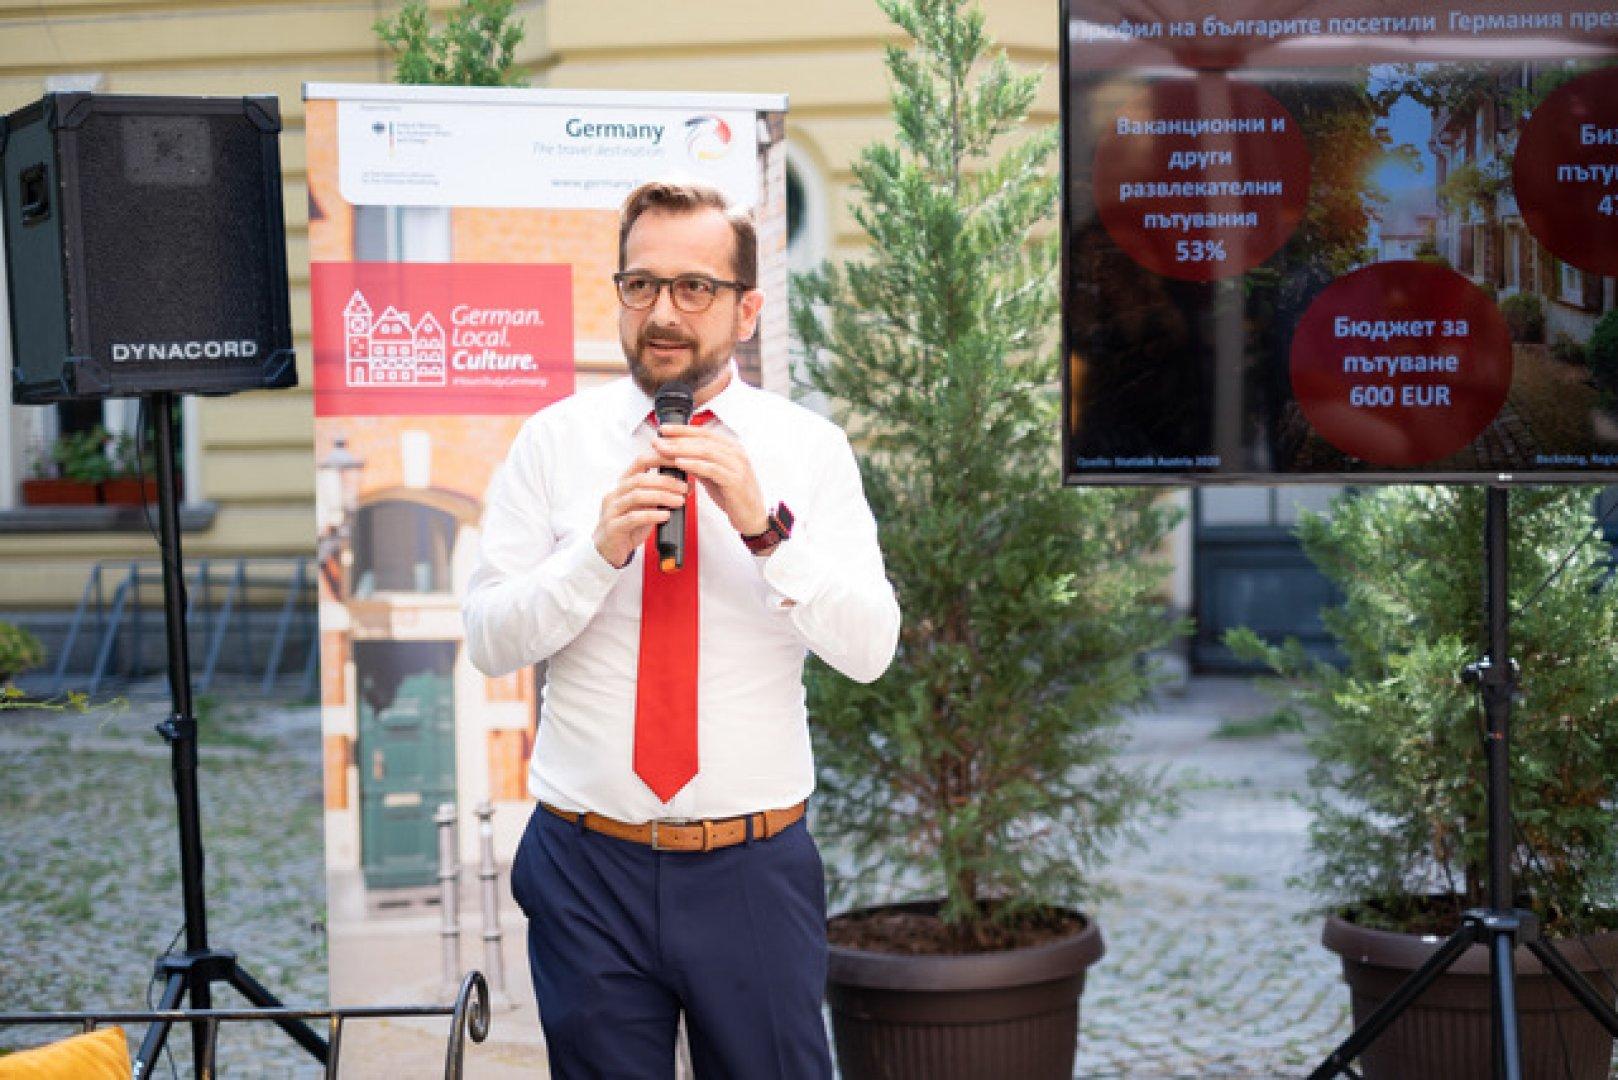 Броят на българите посетили Германия през 2020 година е намалял само с 35 %, отбелязаКристиян Салай, регионален мениджър заБалканските държави наТуристически борд на Германия